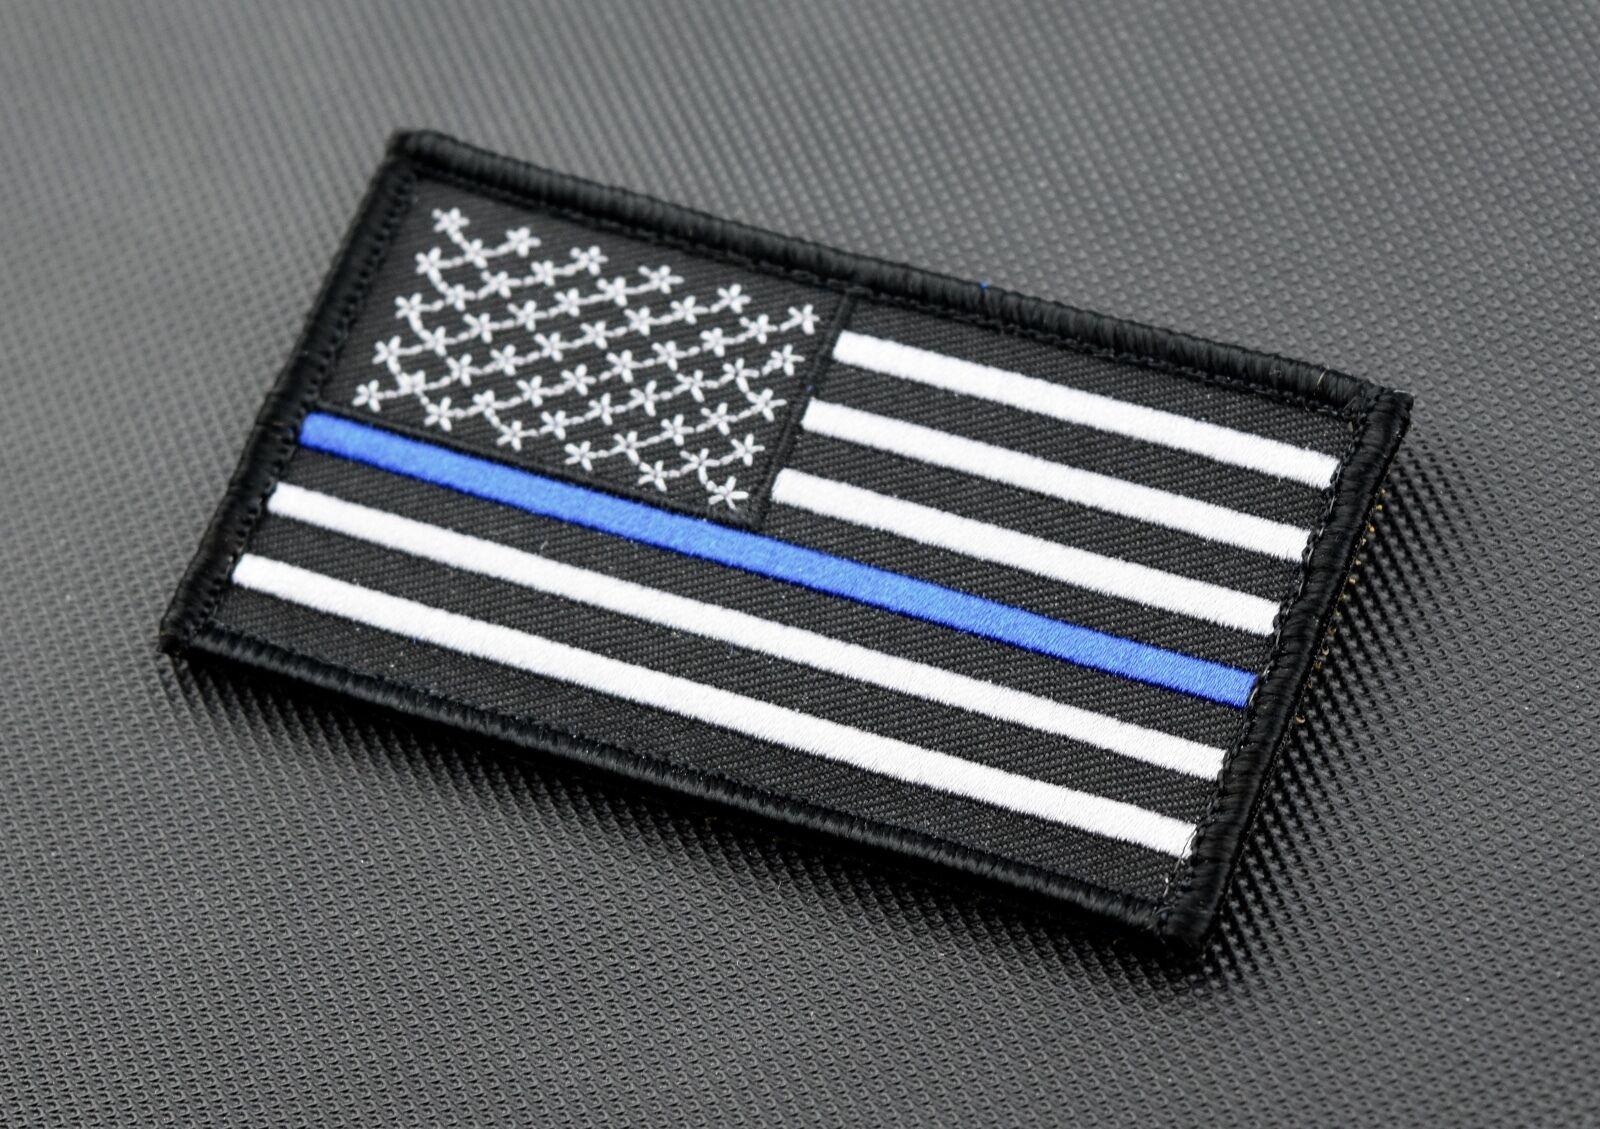 thin blue line union flag patch cops - HD1600×1129